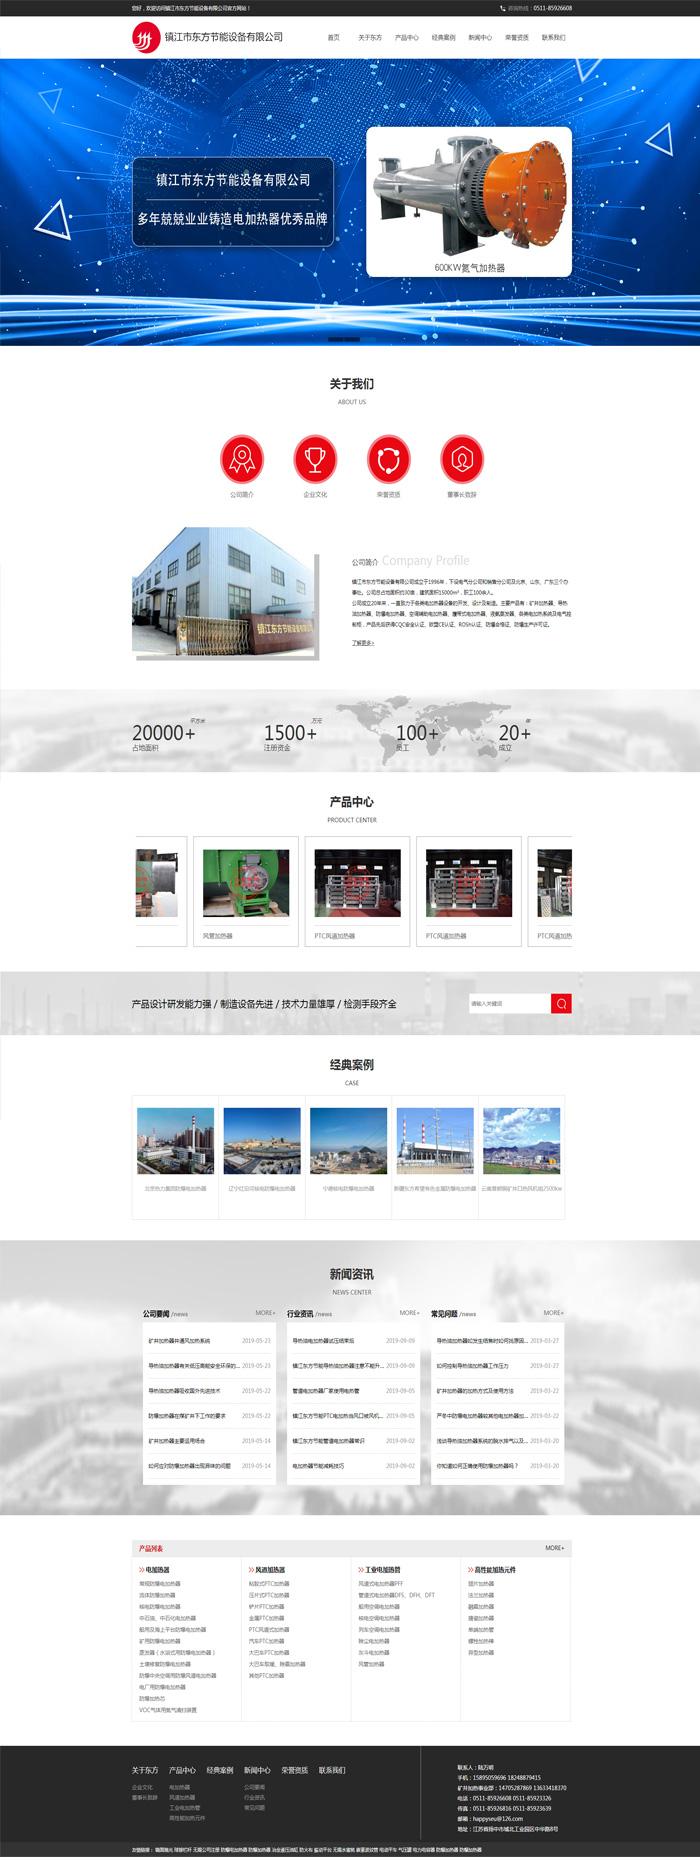 镇江市东方节能设备有限公司